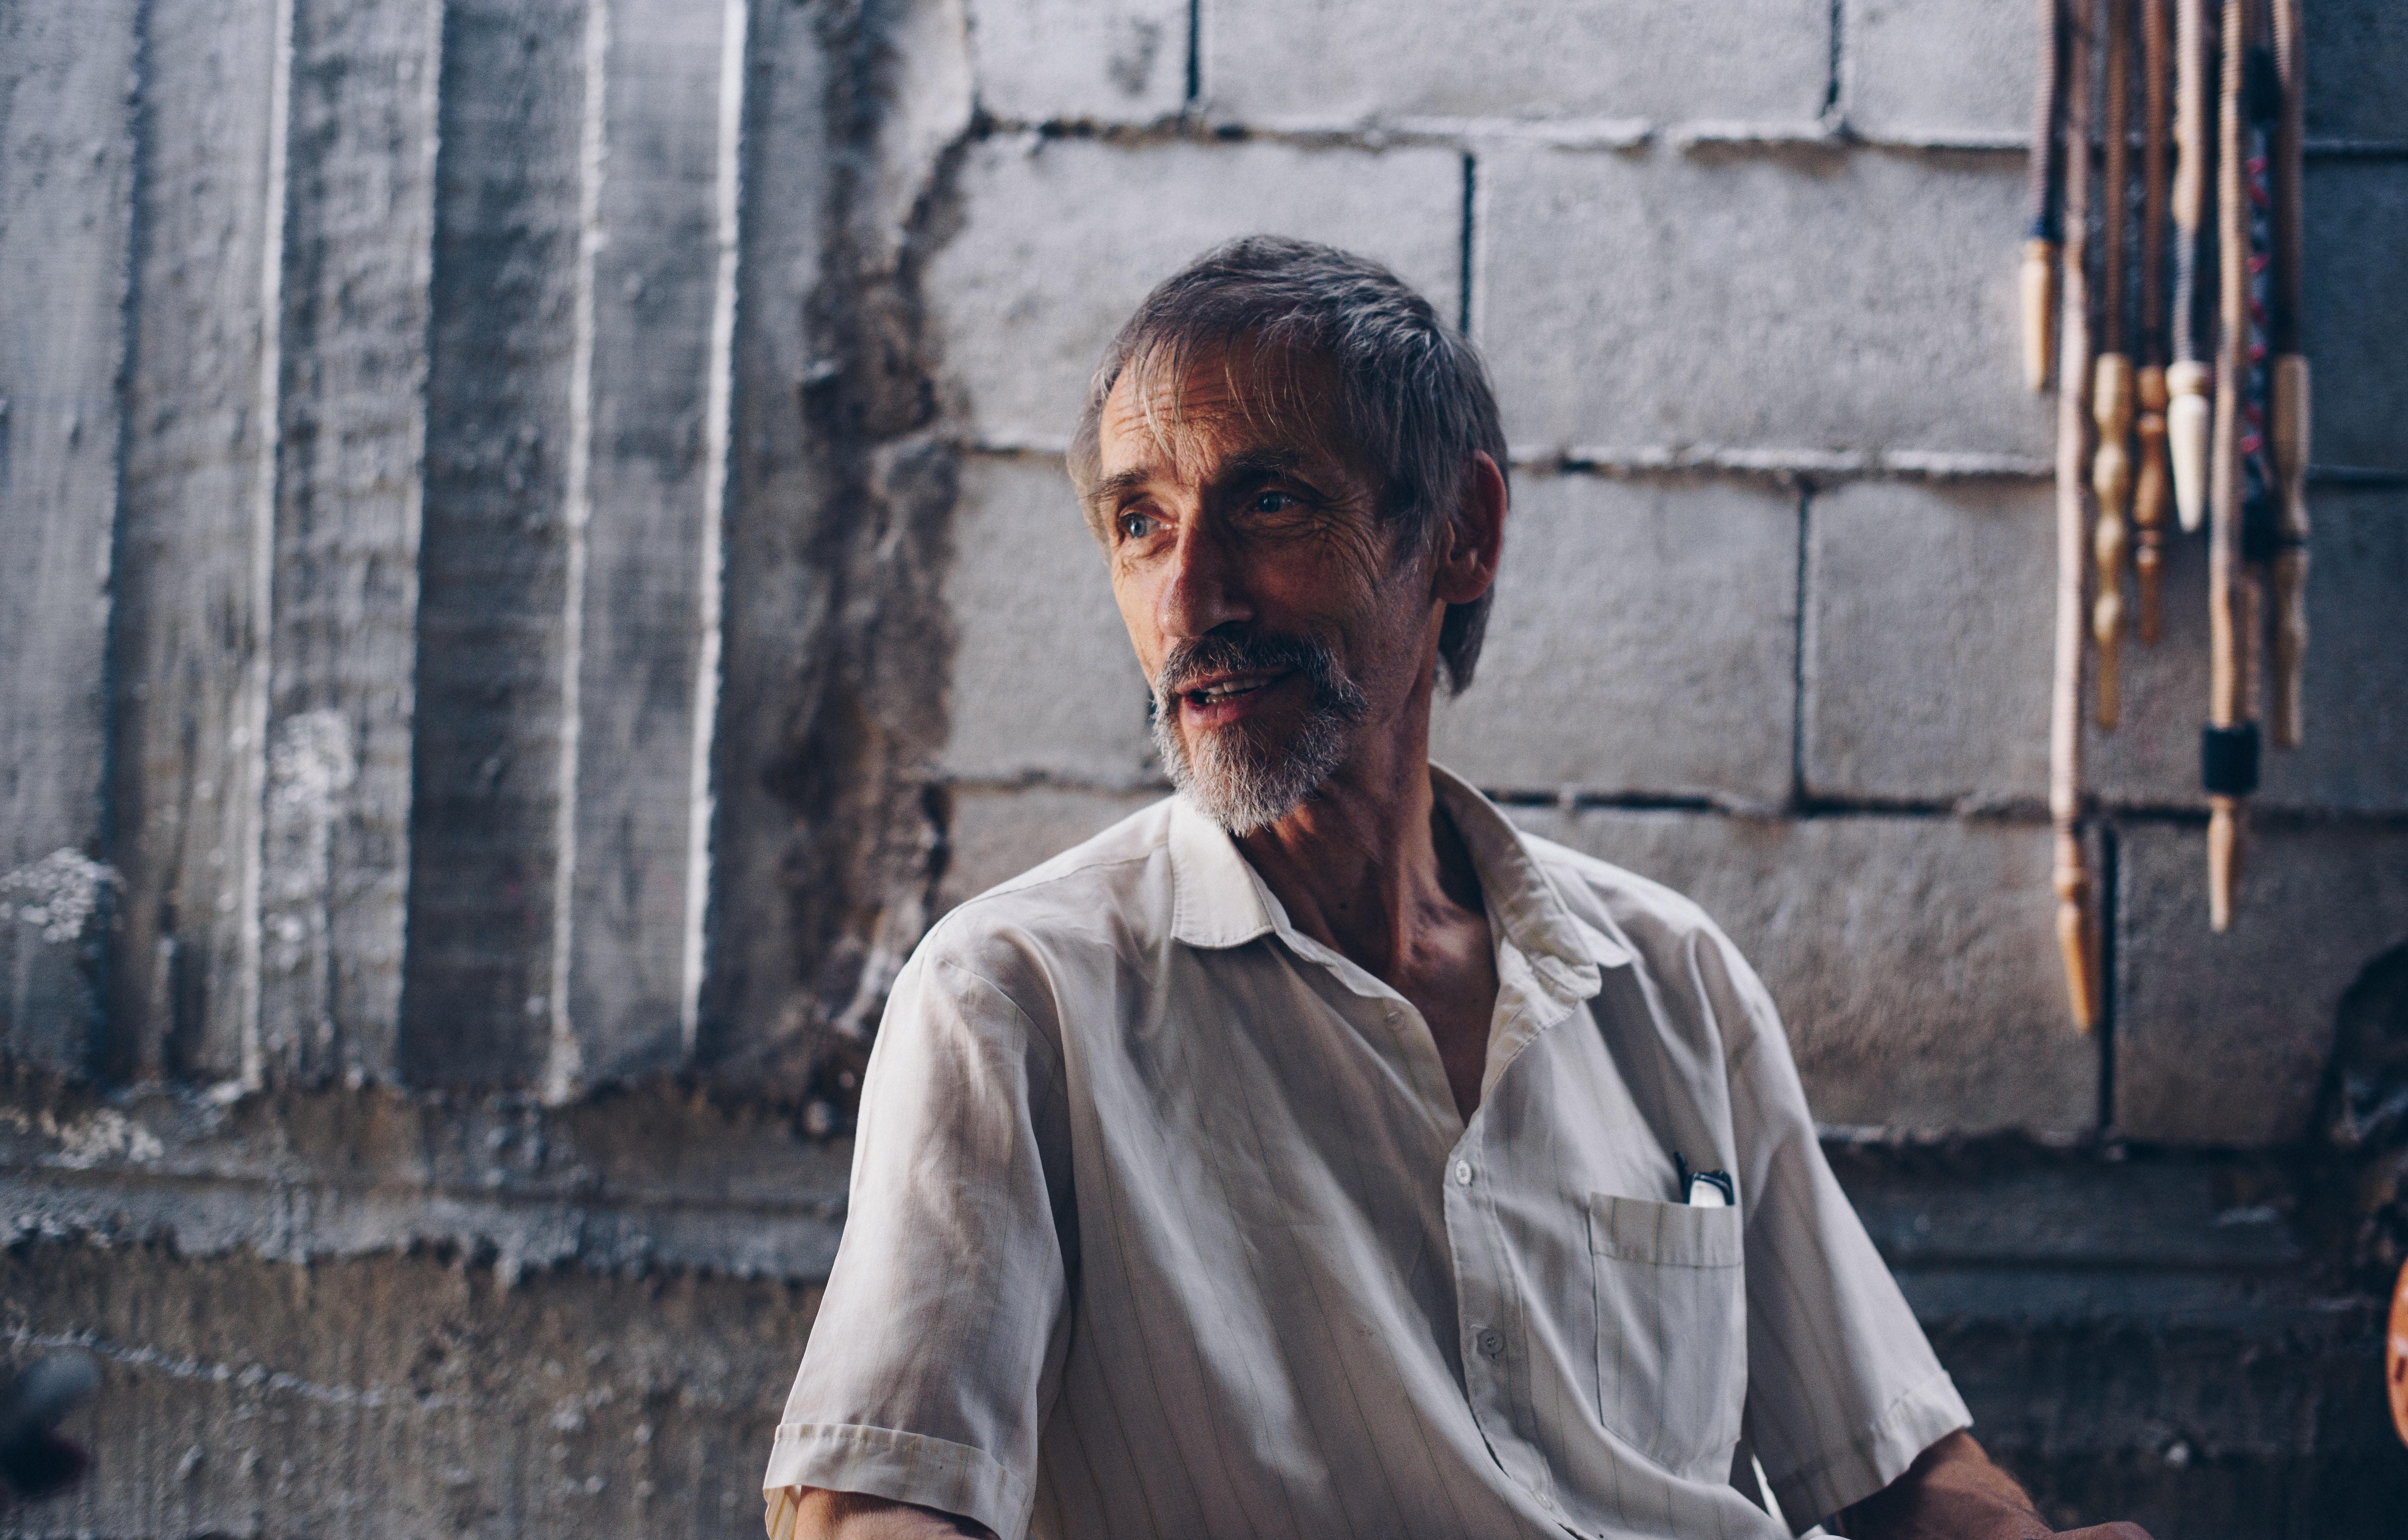 man wearing white button-up shirt